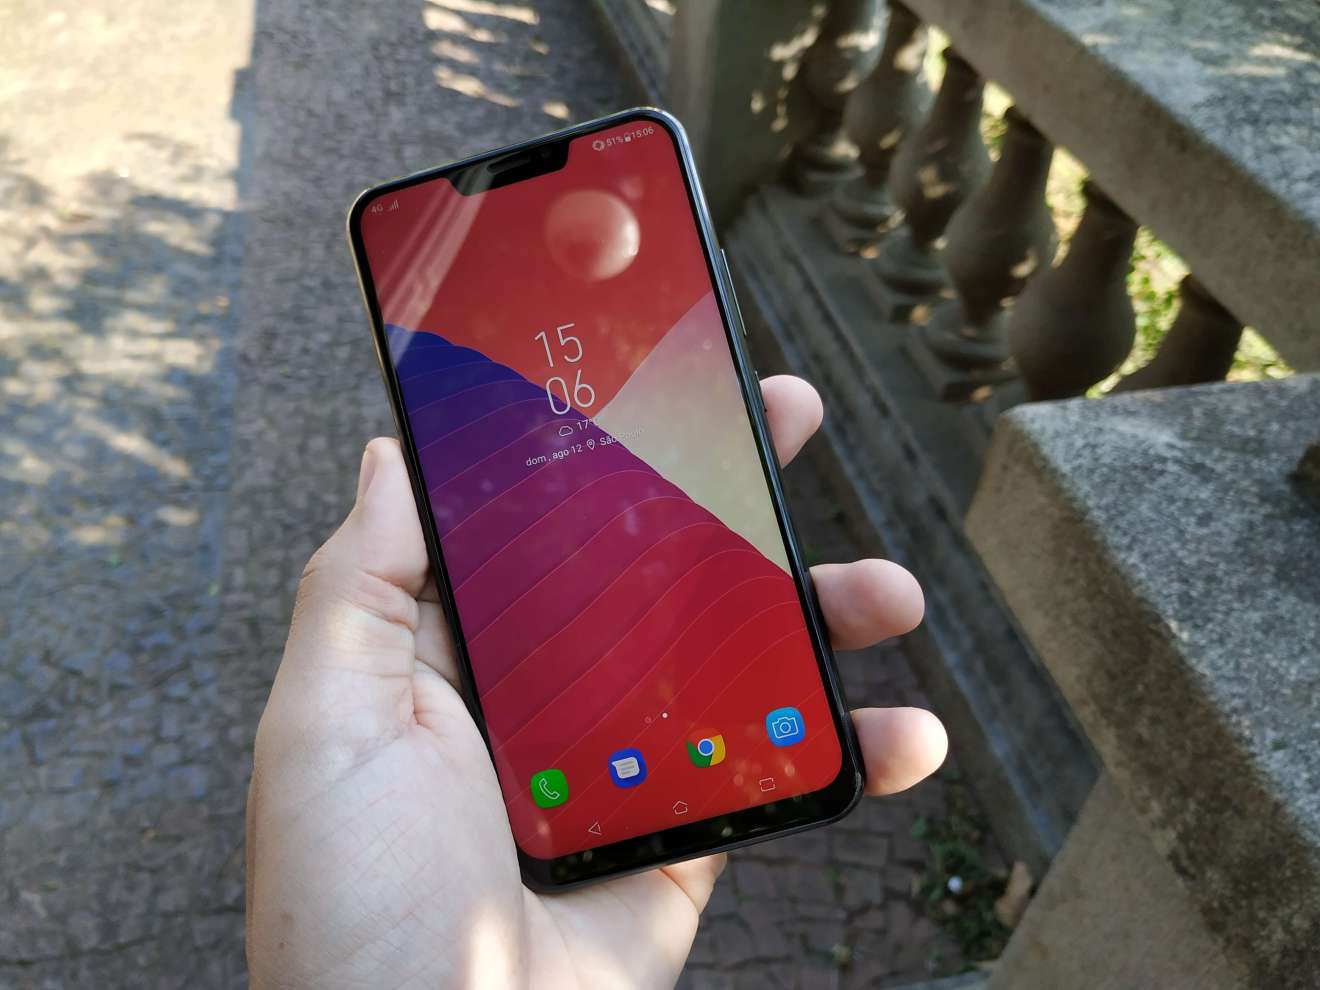 IMG 20180101 085158 - Review: Zenfone 5, o smartphone mais ambicioso já lançado pela Asus